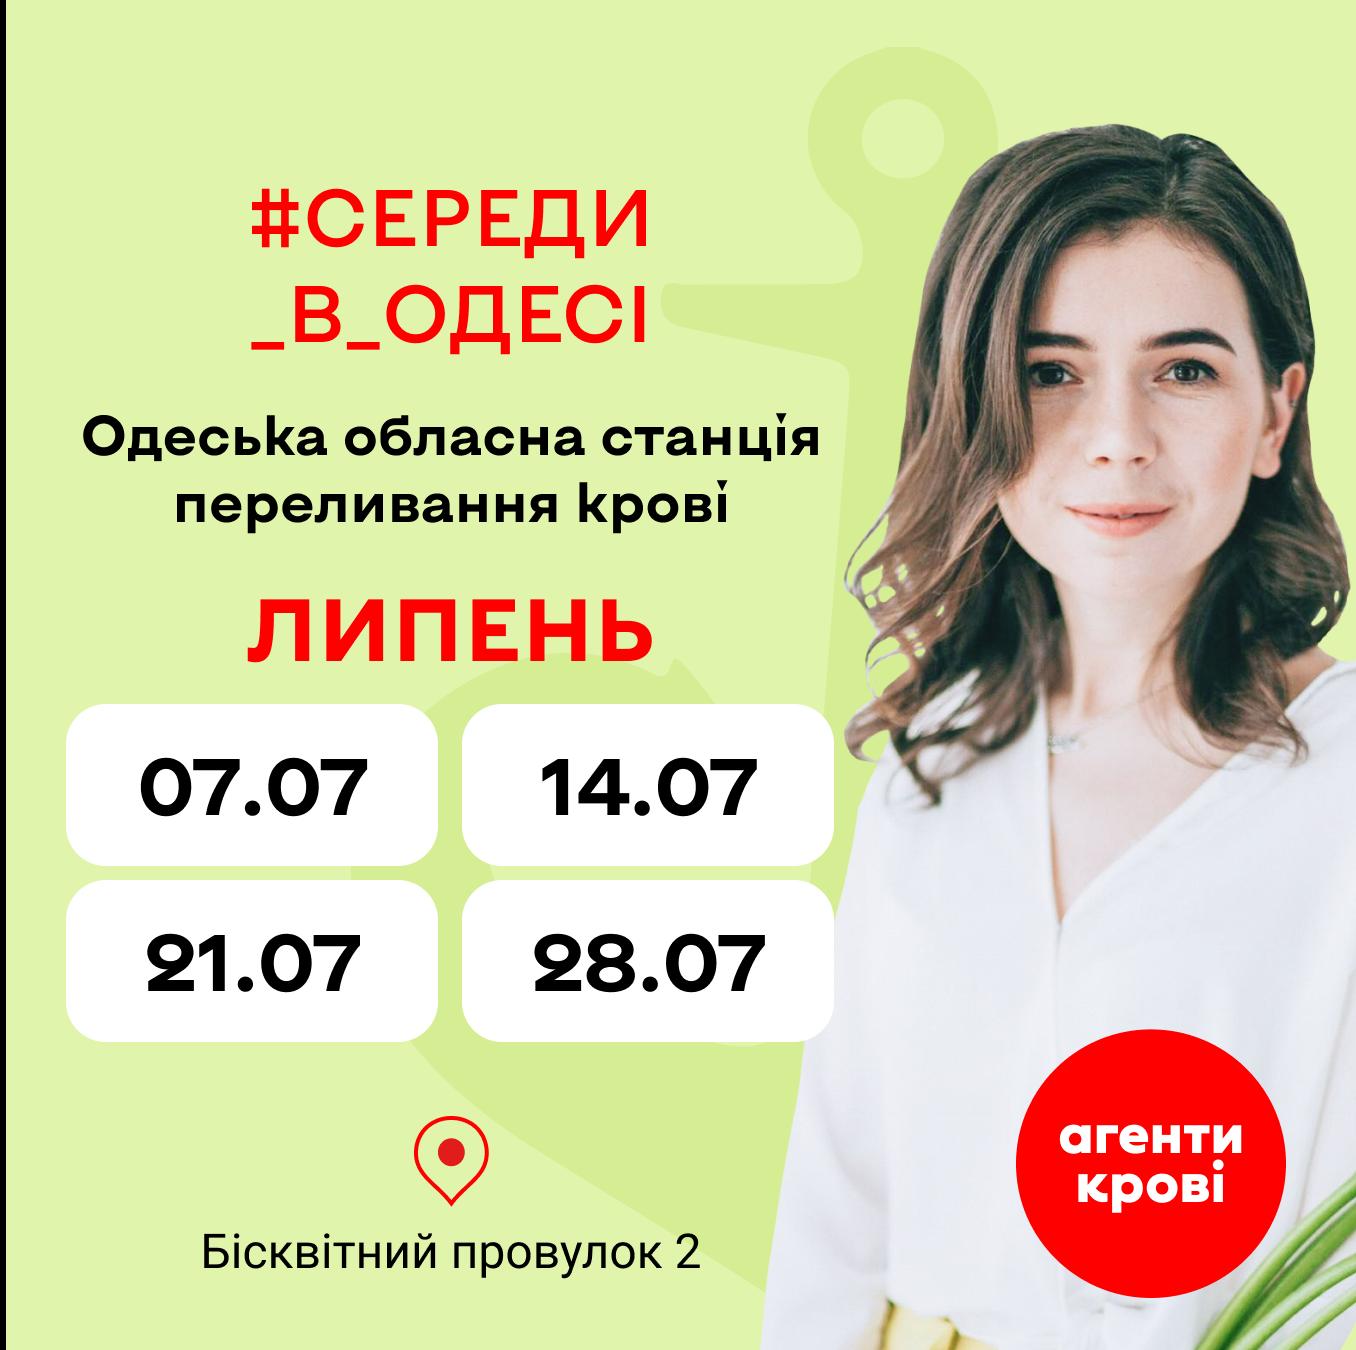 [Агенти крові] Середи в Одесі  28.07.2021